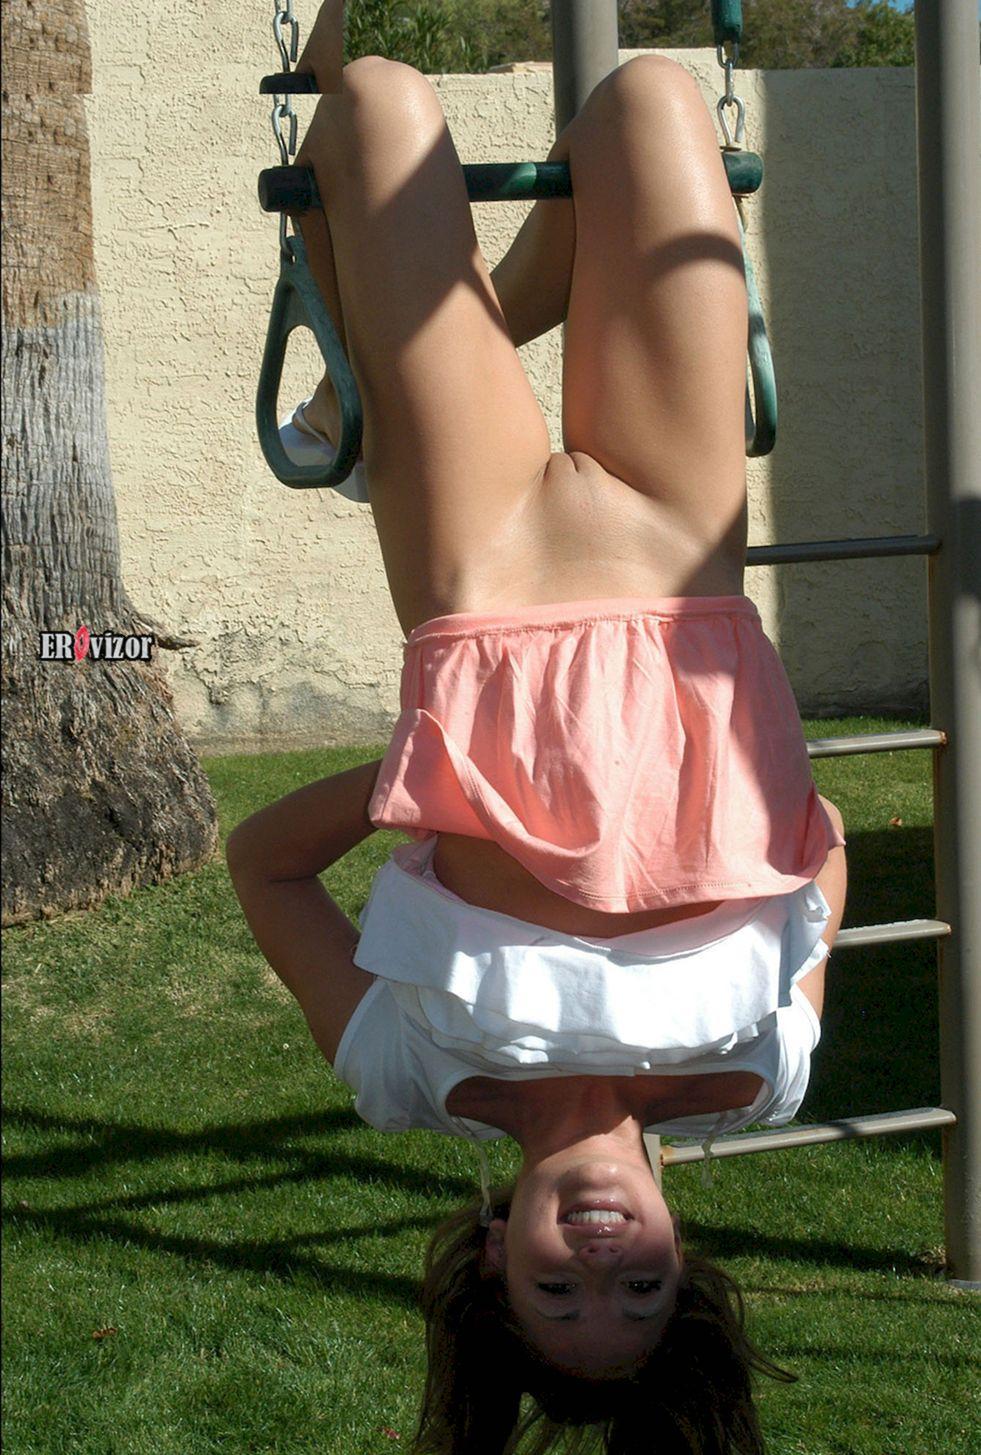 девчонка висит вверх головой без нижнего белья